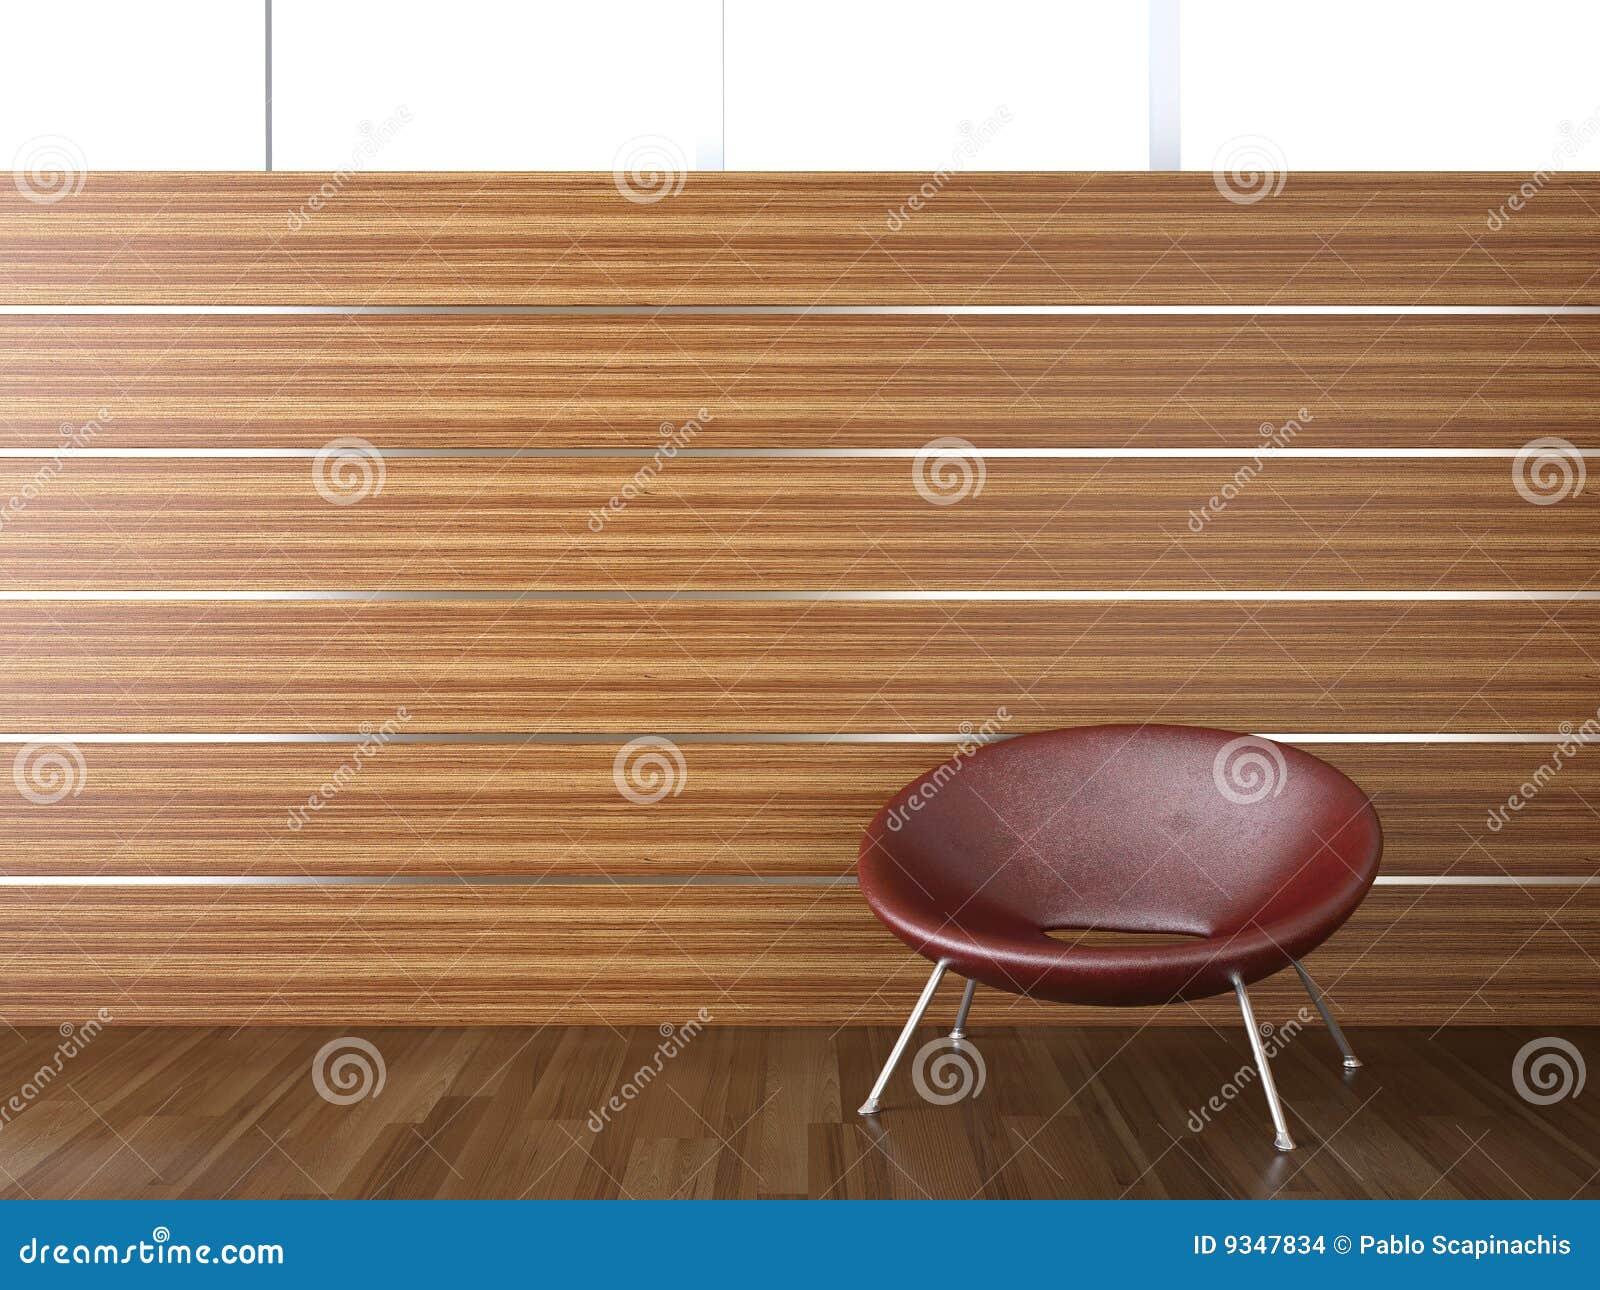 Legno della parete interna di disegno immagini stock - Parete interna in legno ...